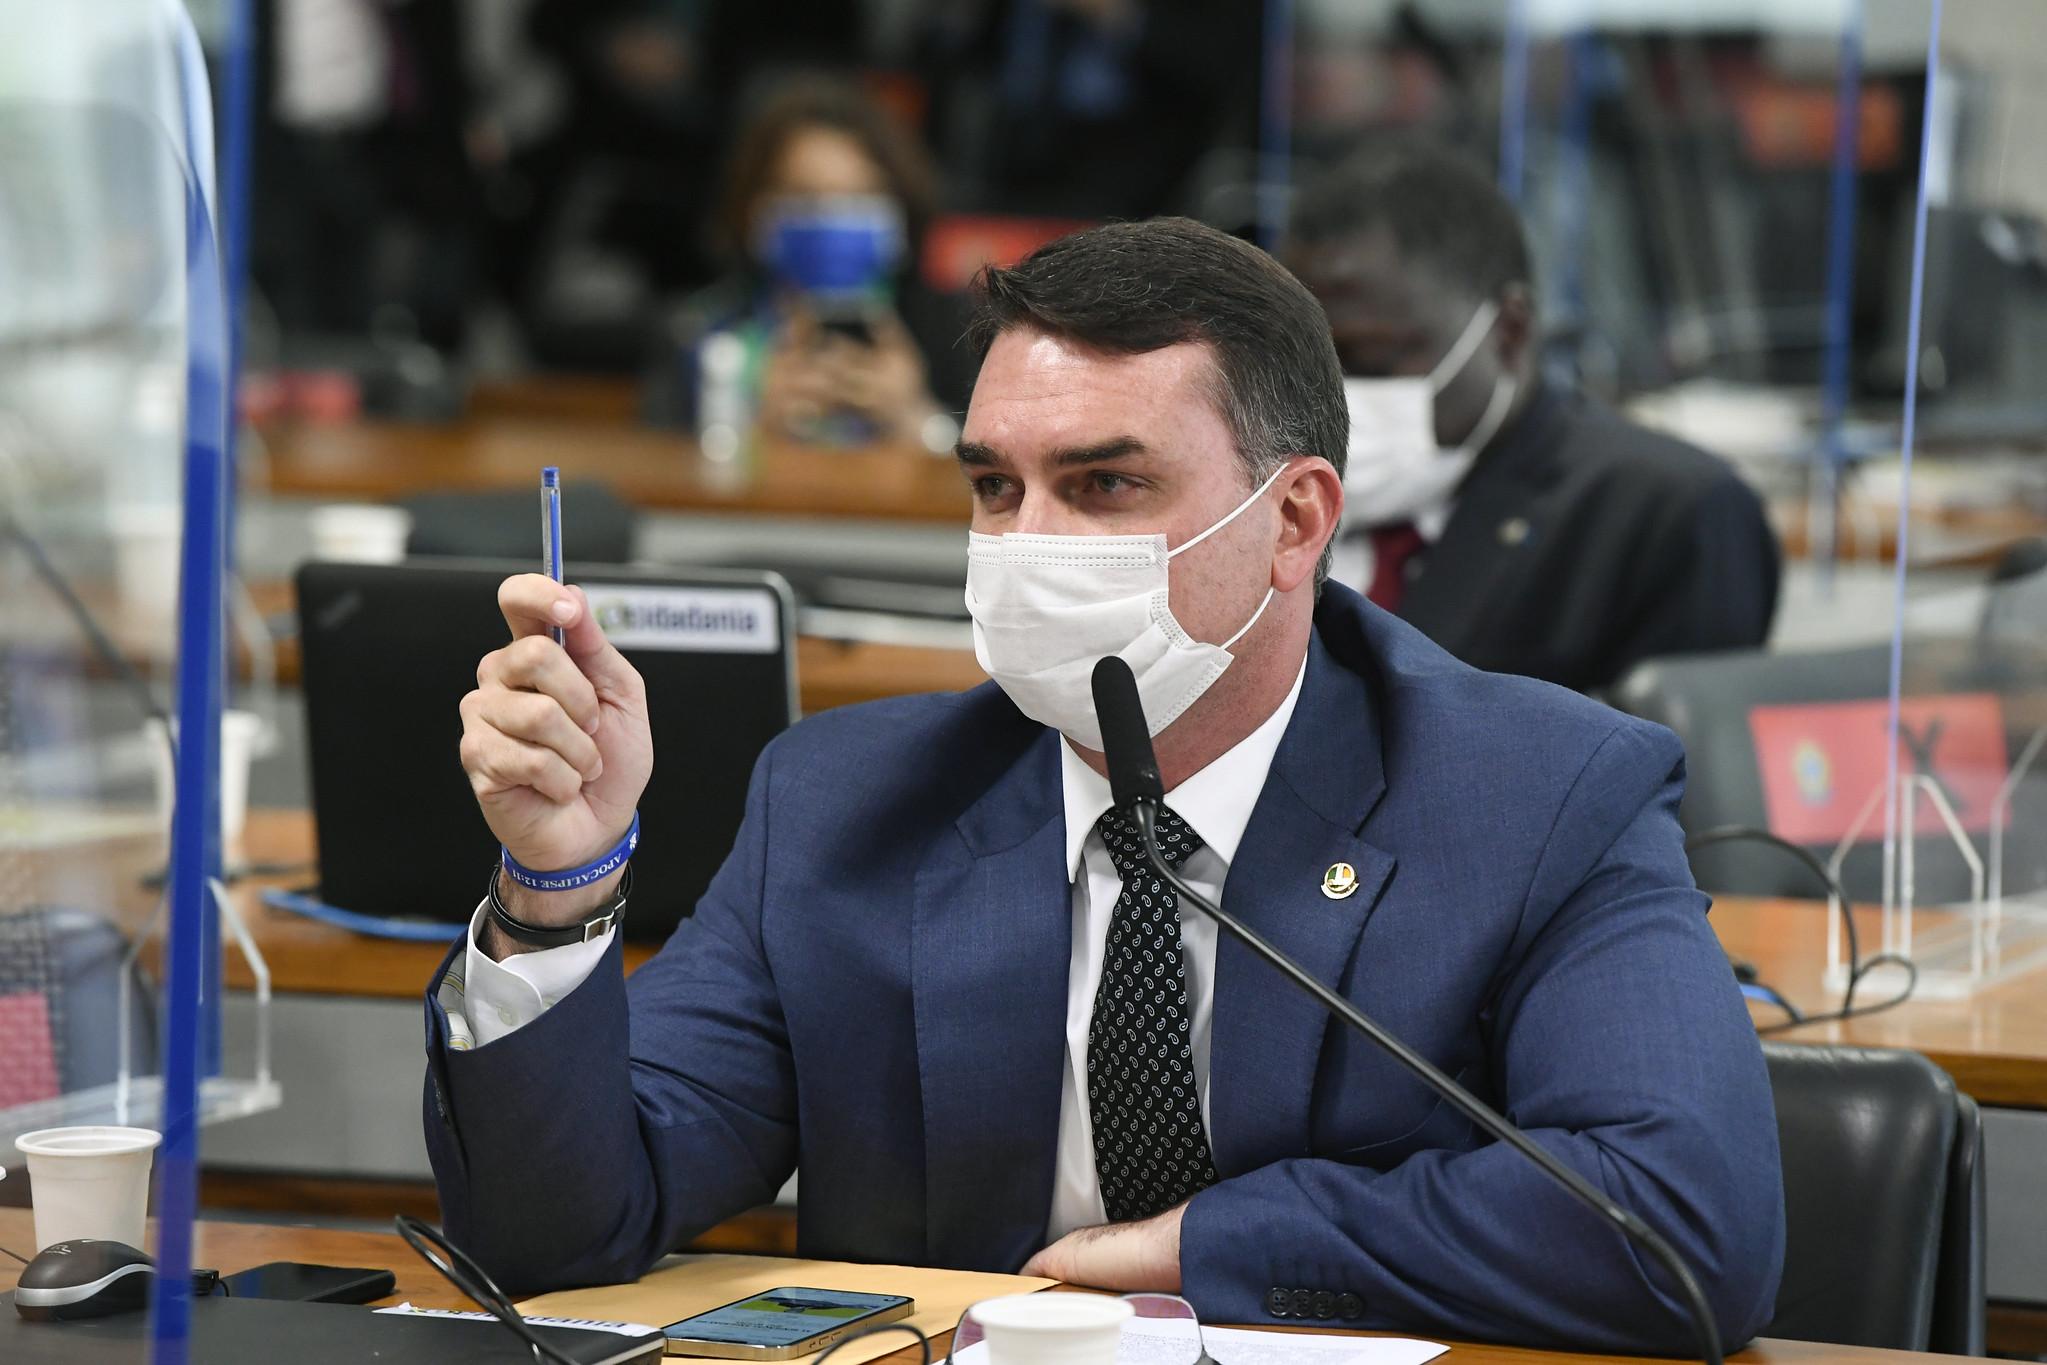 IMAGEM: Flávio Bolsonaro terá acesso aos documentos sigilosos da CPI da Covid